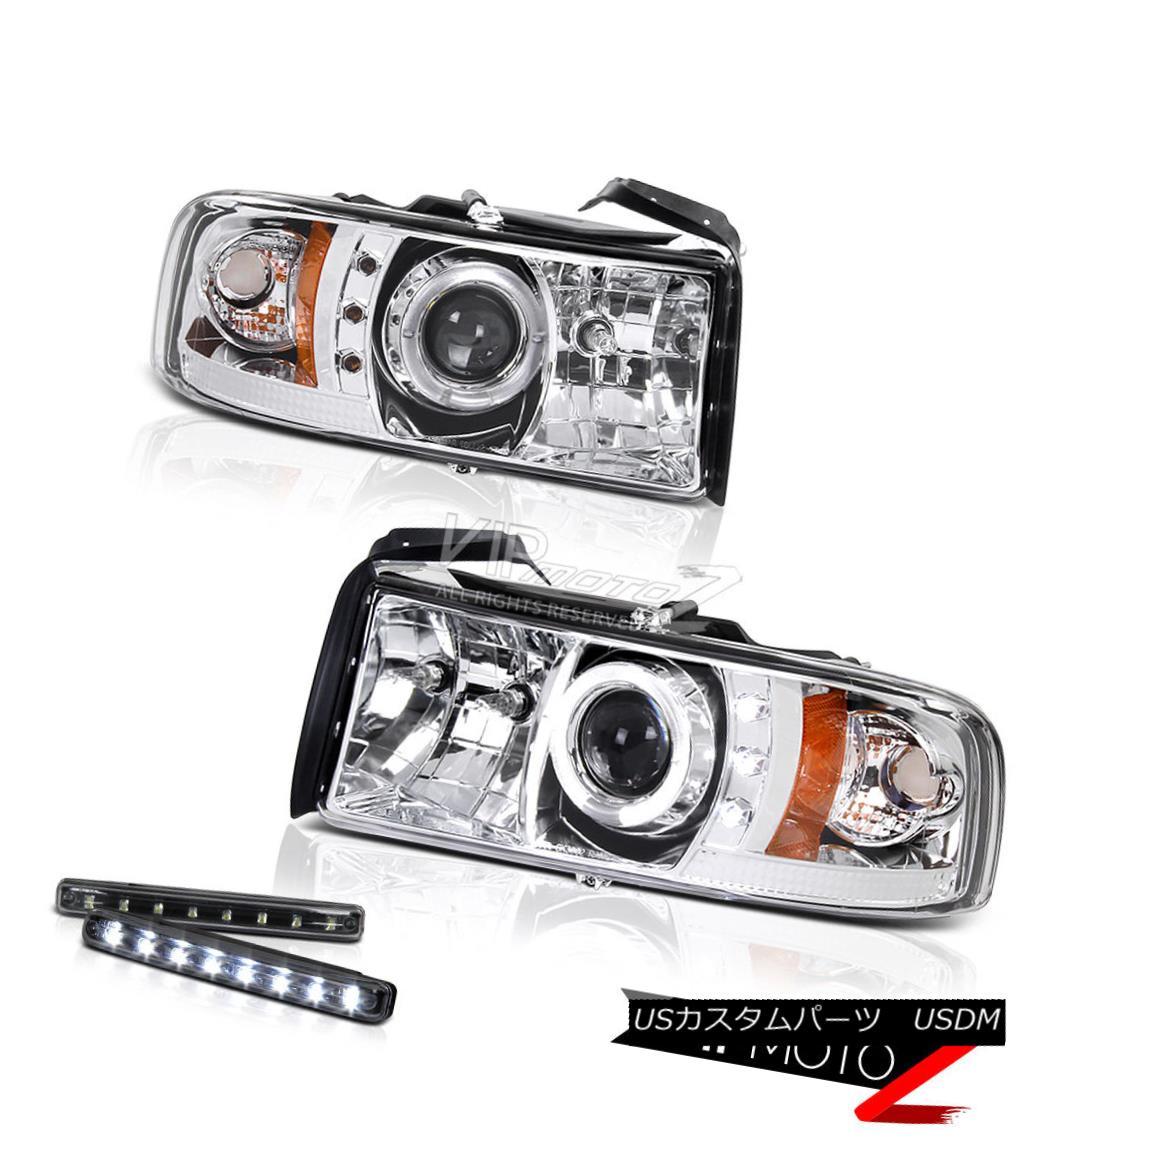 ヘッドライト >>LED LIGHT BAR KIT<< Halo Projector Chrome Headlights 1994-2001 Dodge RAM &gt;&lt; LEDライトバーキット&lt; ハロープロジェクタークロームヘッドライト1994-2001 Dodge RAM